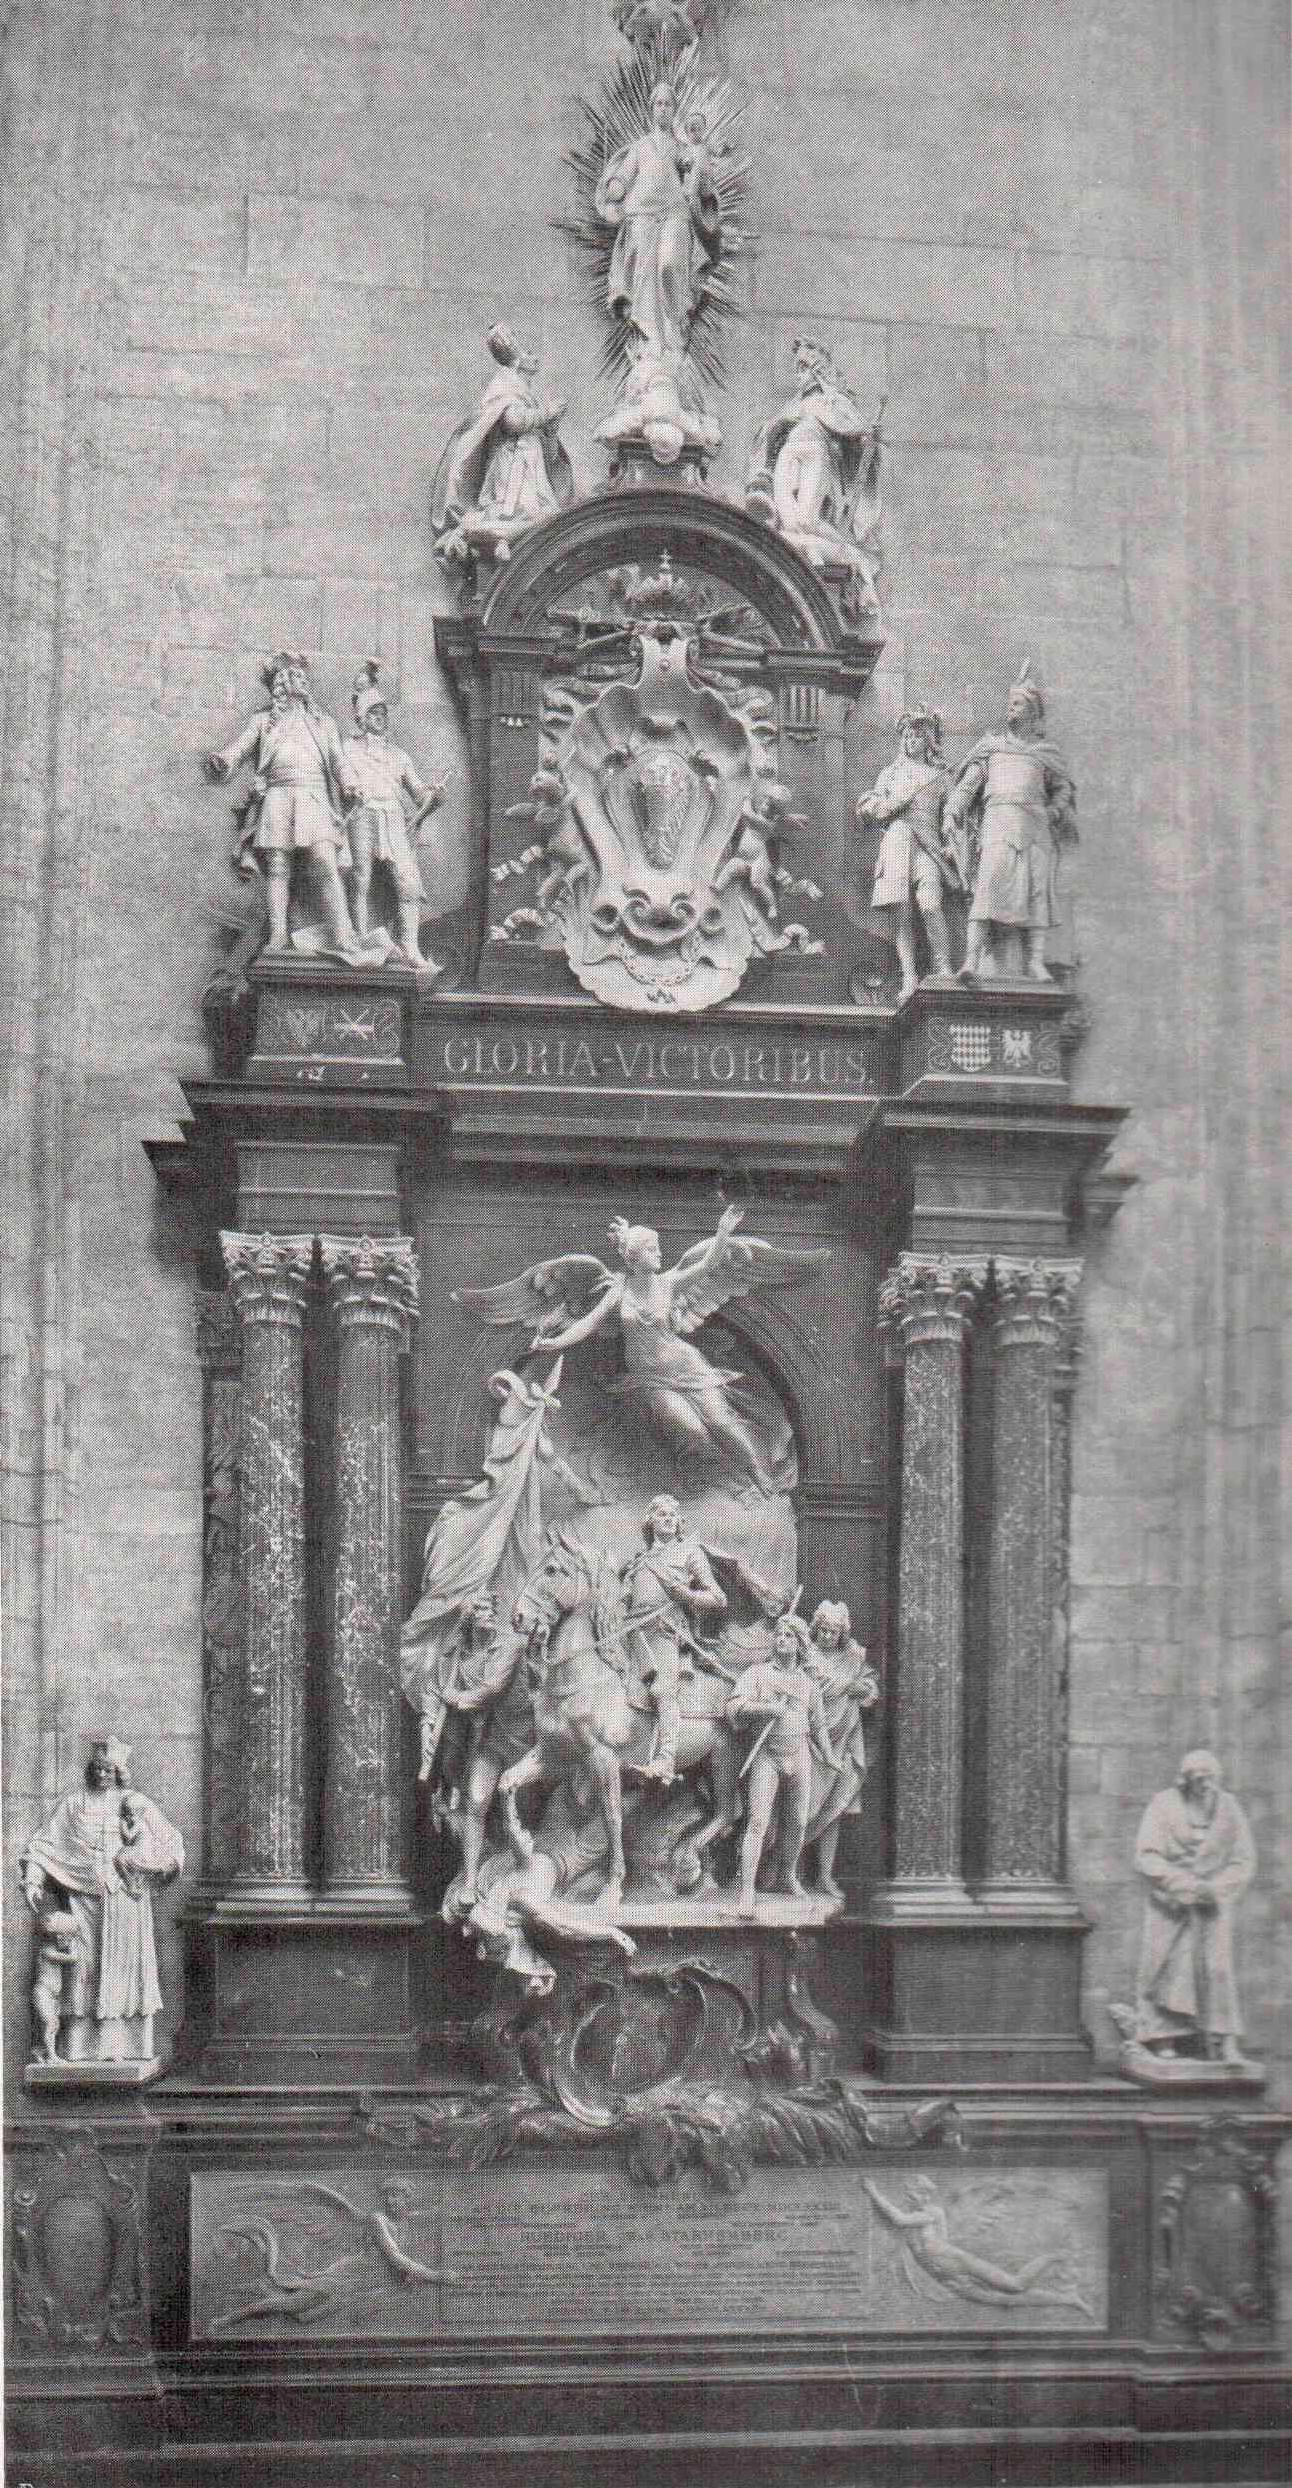 Türkenbefreiungs-Denkmal